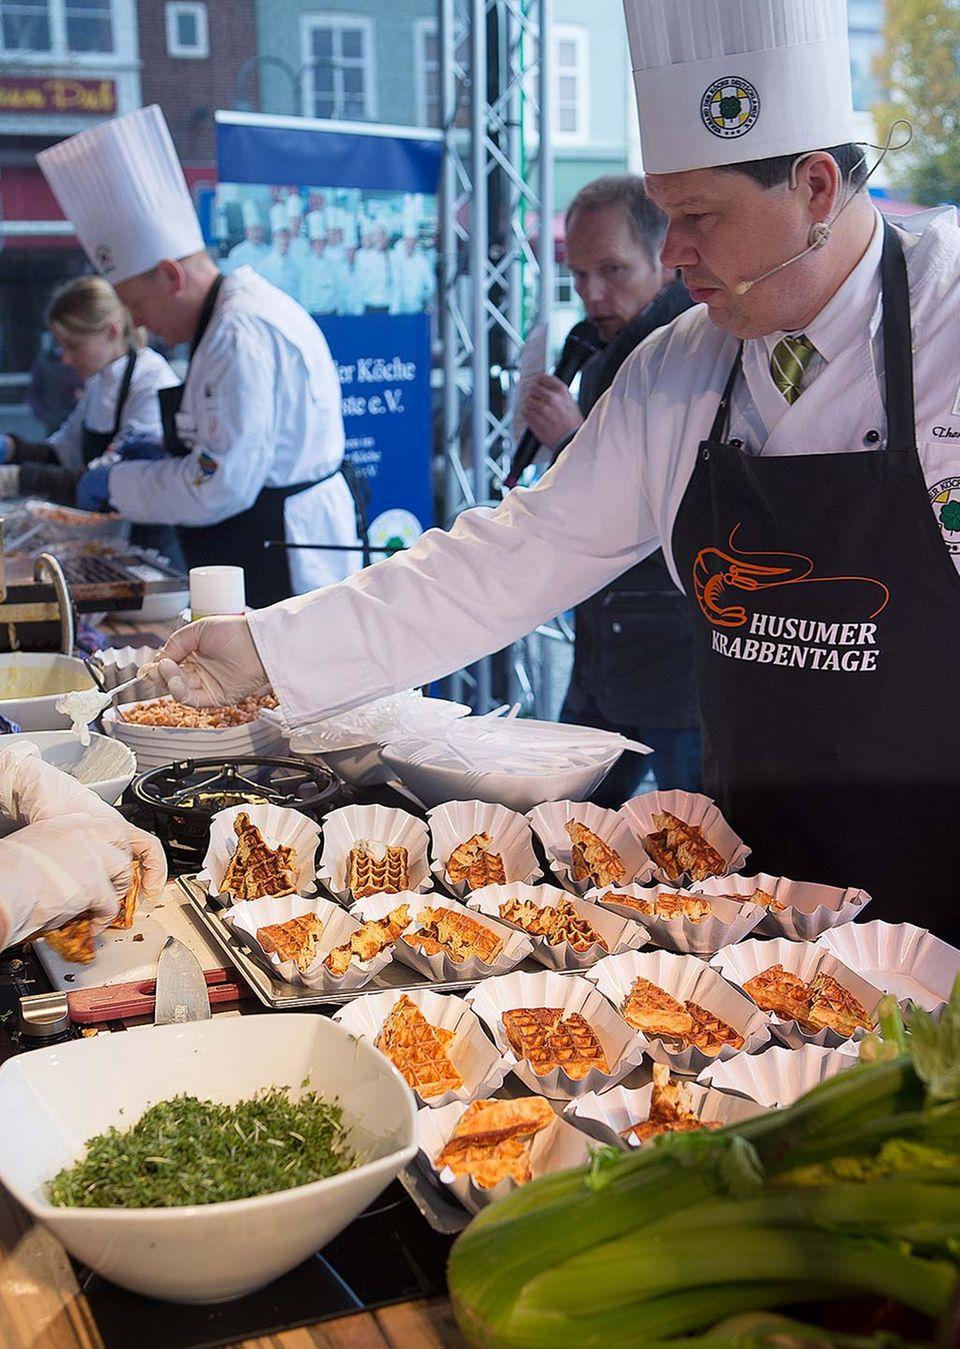 Bei den Husumer Krabbentagen 2014 wird viel gekocht und es darf auch gleich probiert werden